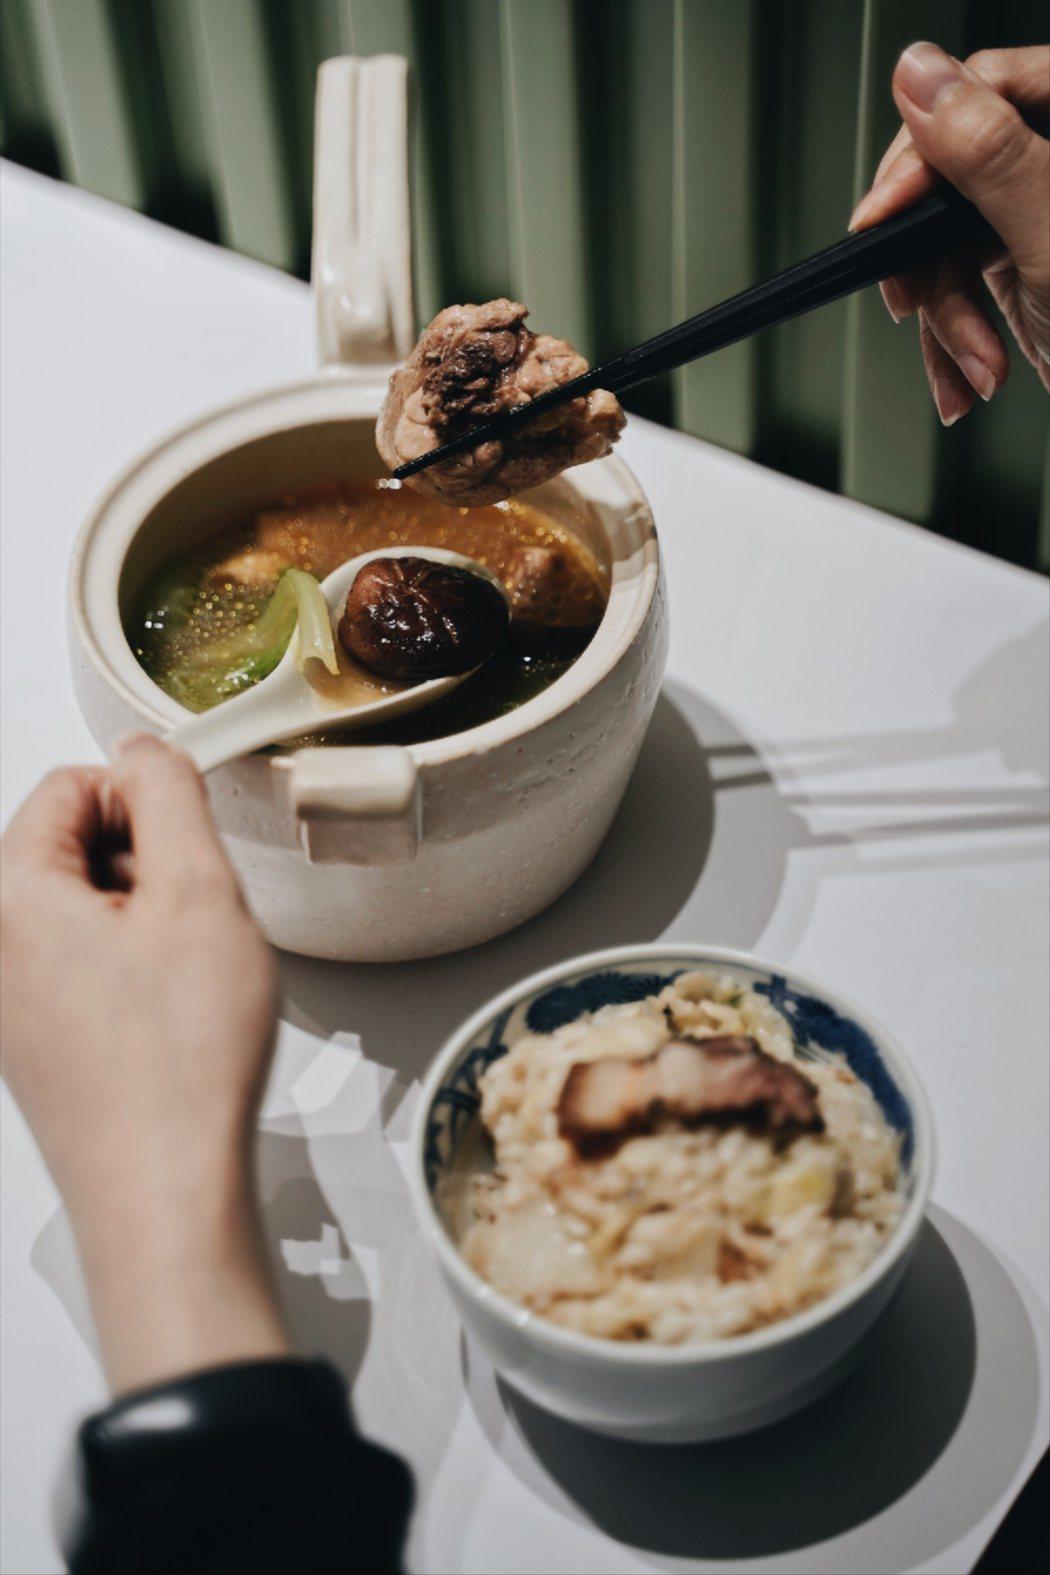 楊爸爸每日以雞骨、數種中藥材熬煮約4小時新鮮製成雞高湯。 圖/沈佩臻攝影